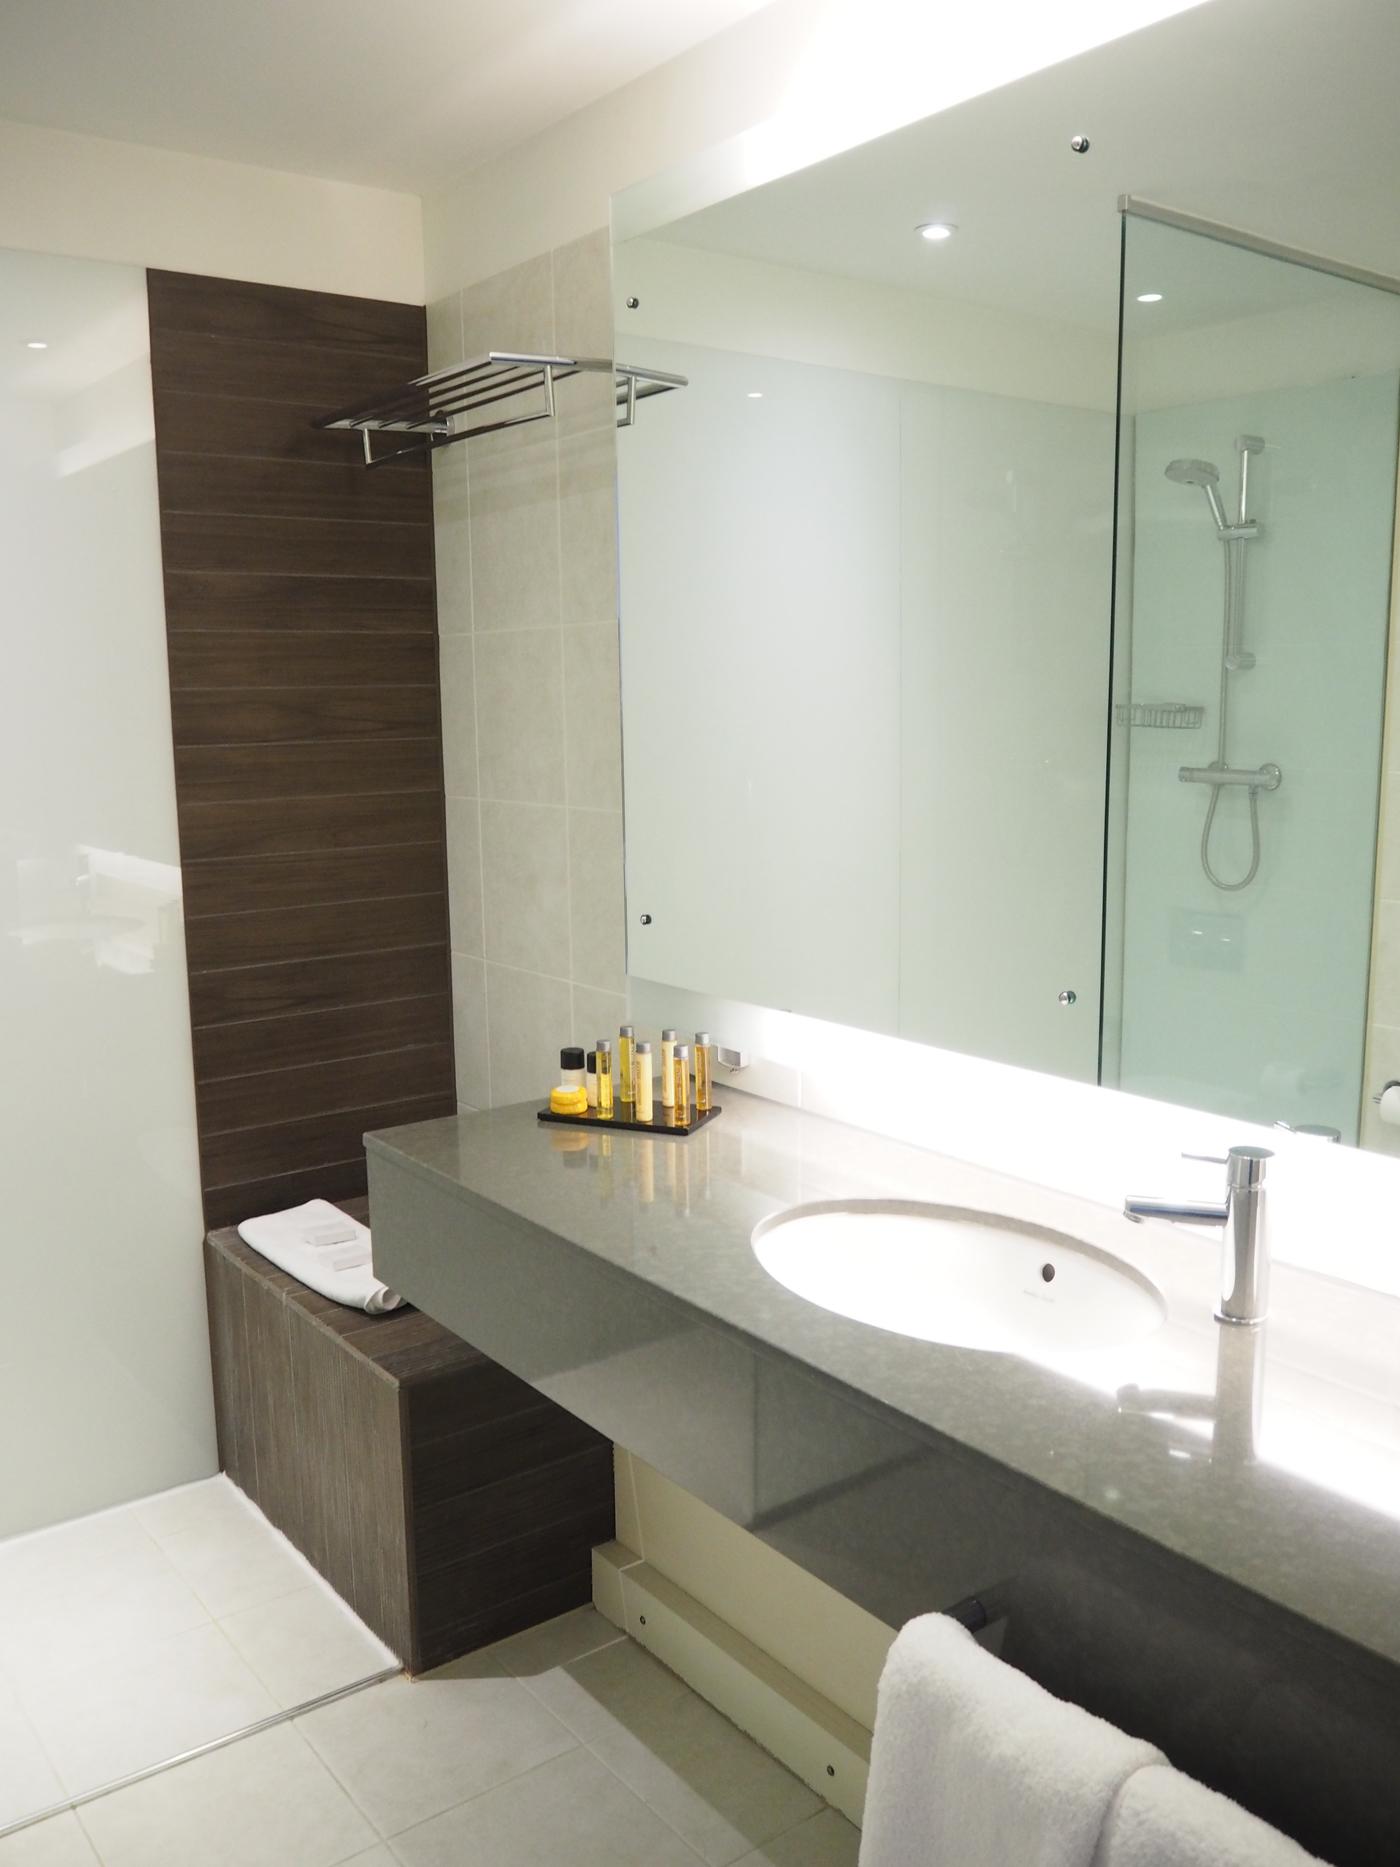 LIFEHOUSE HOTEL BATHROOM